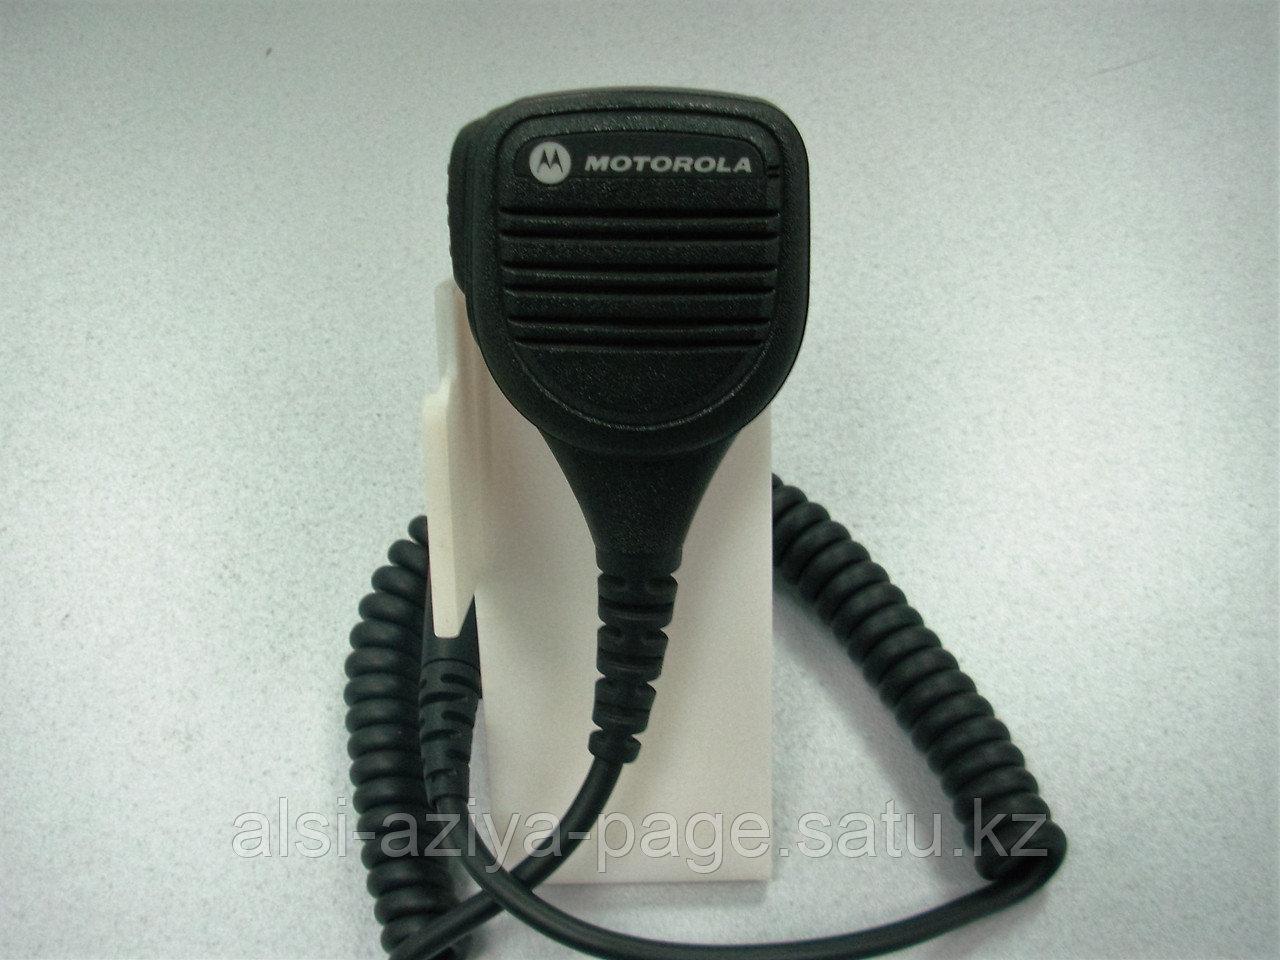 Микрофон для радиостанции Motorola GP1/3/6/1280